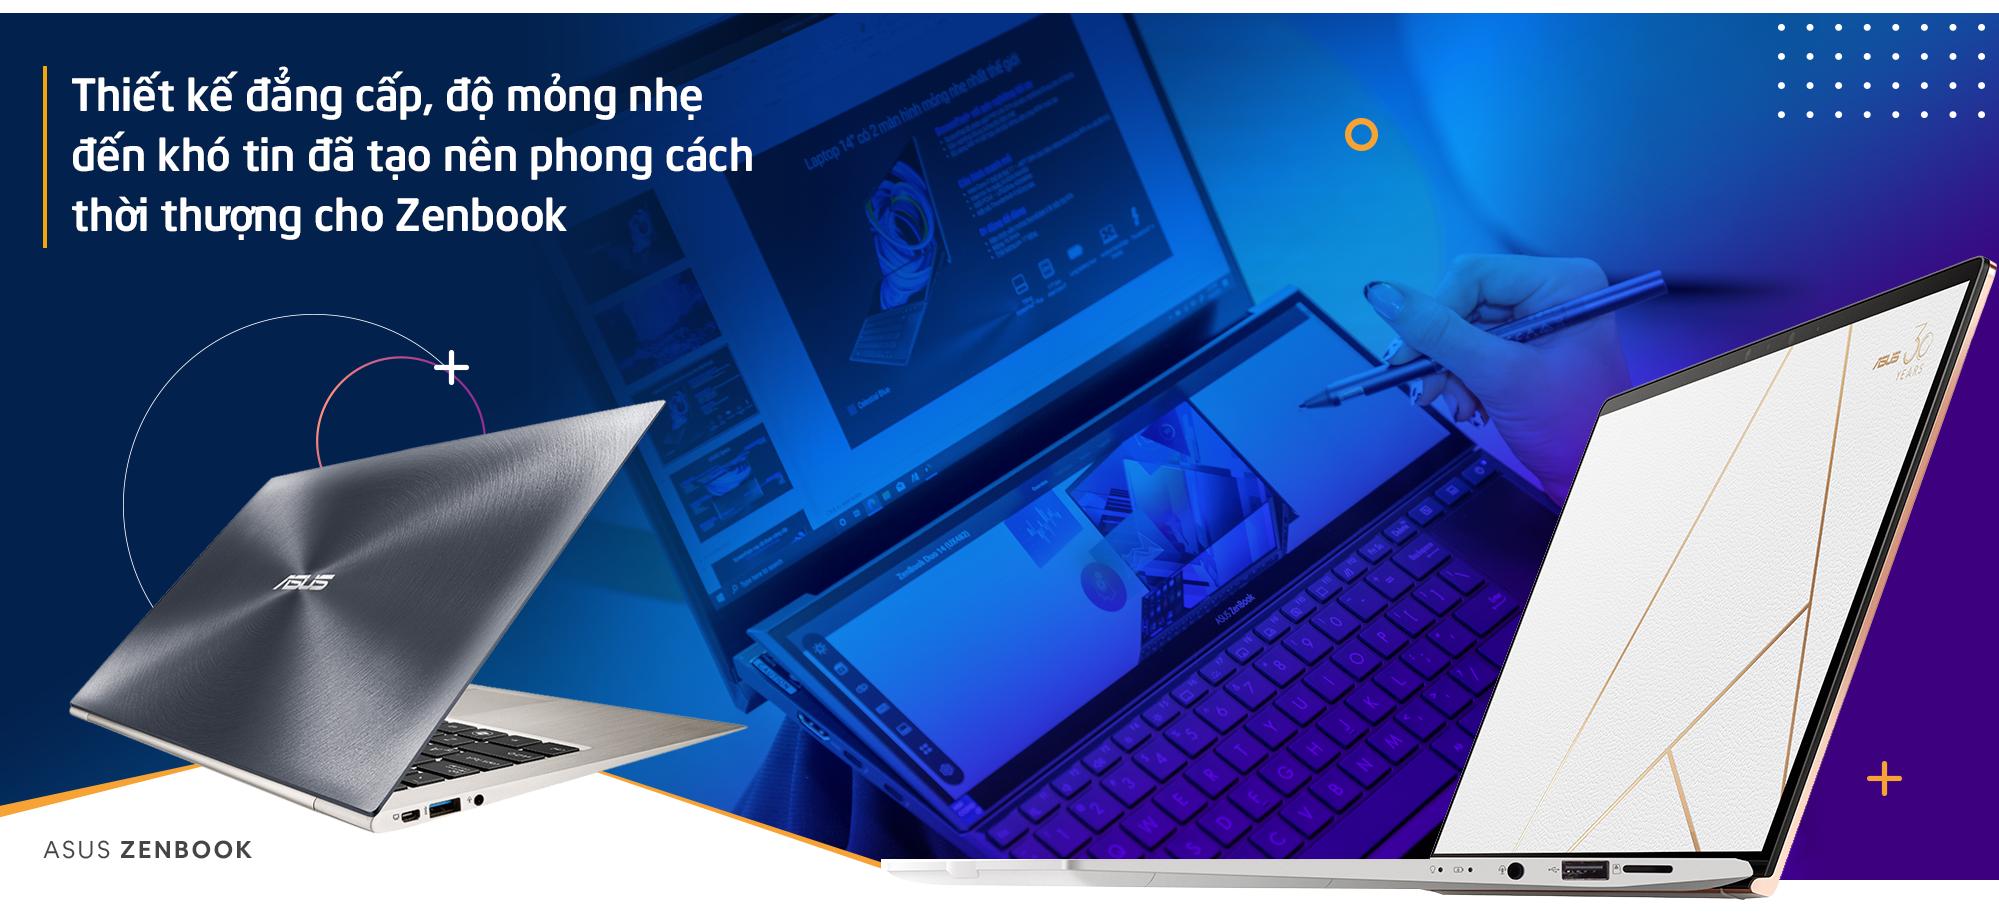 Asus Zenbook hành trình một thập kỷ chạm chuẩn bậc thầy trong công nghệ - Ảnh 4.